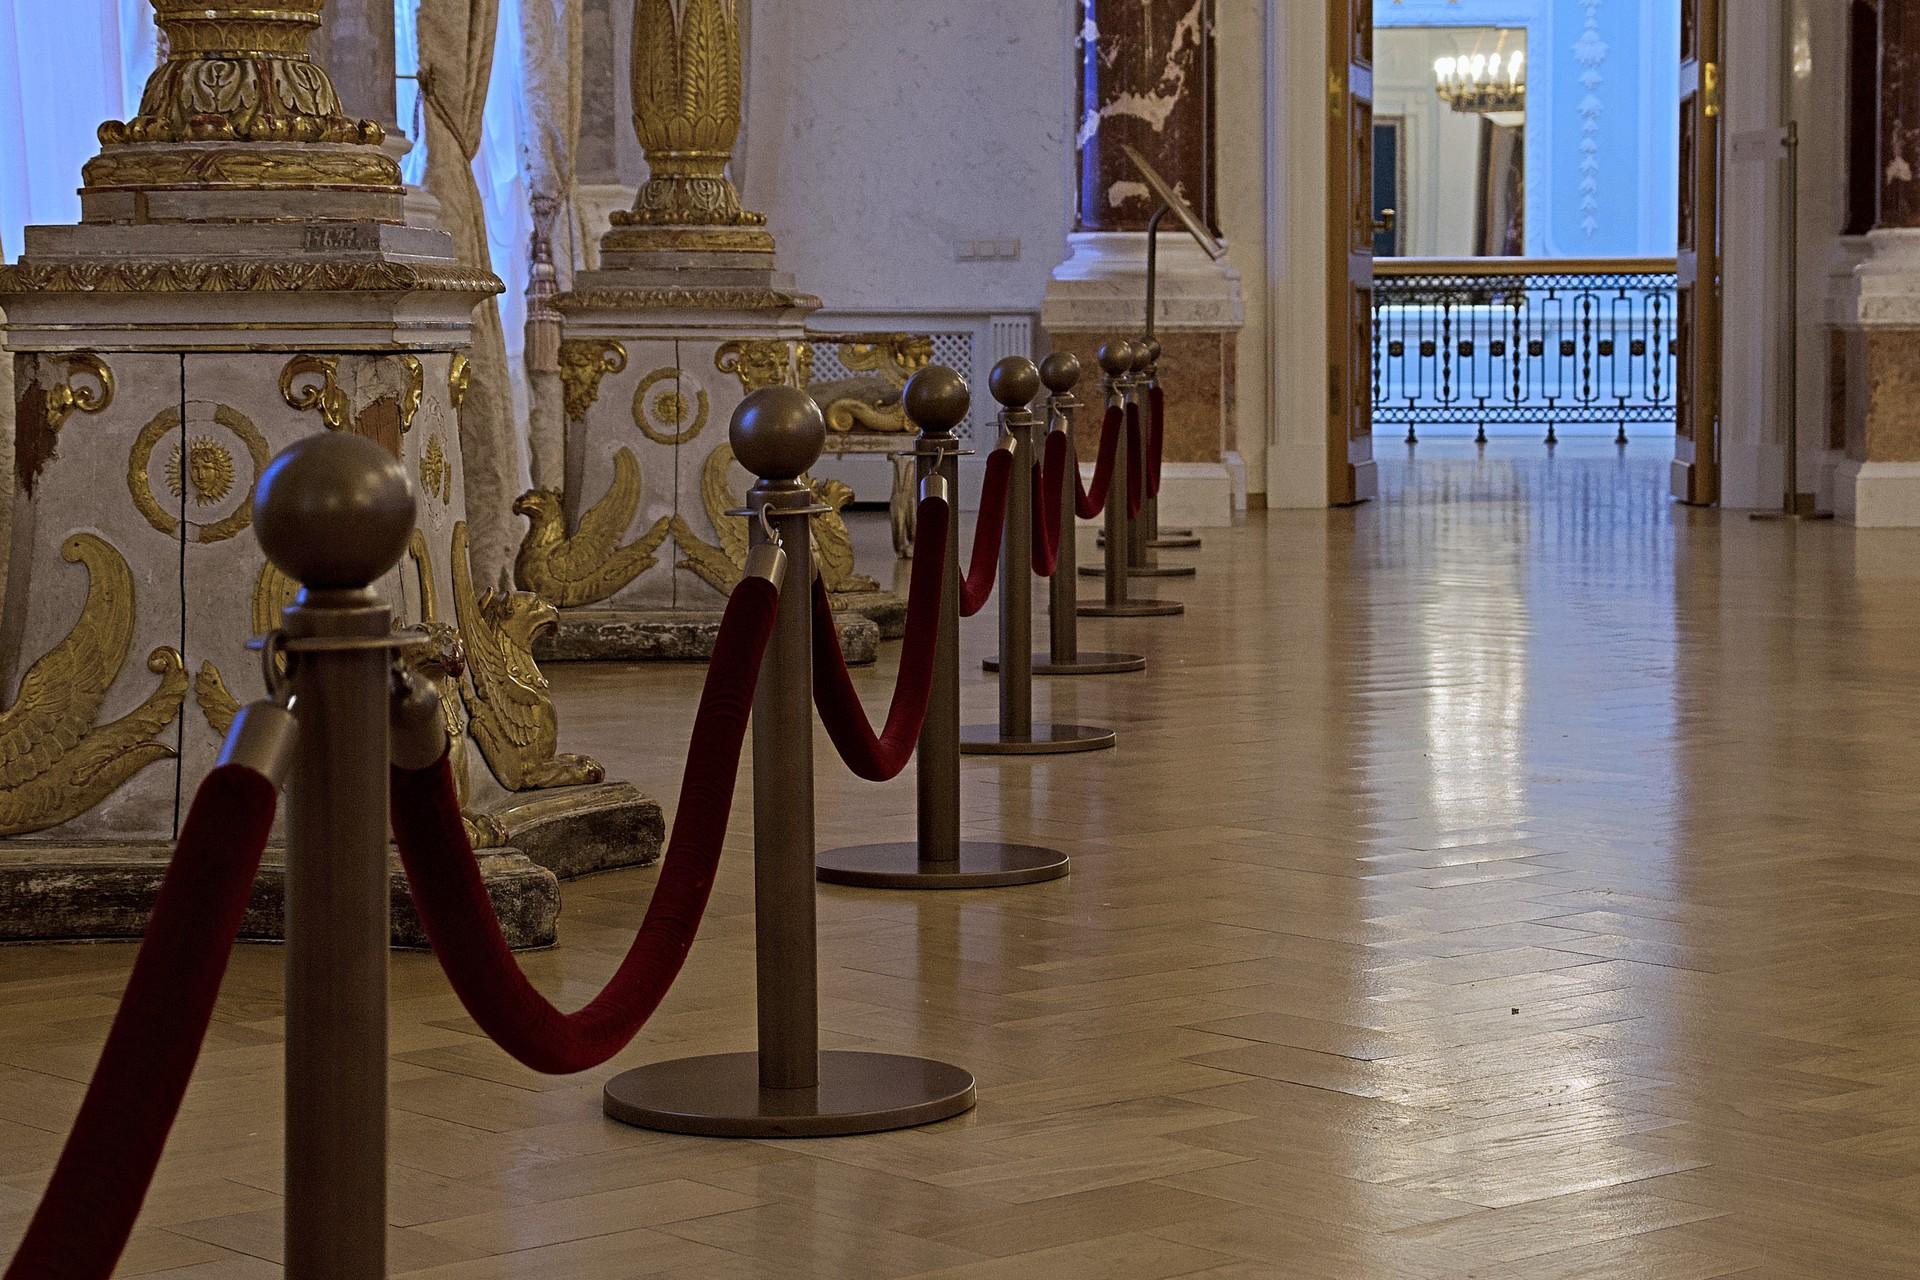 Was wie Marmor scheint, ist hier nicht wirklich Marmor... Die vergoldeten Säulen, Kronleuchter und viele andere Einrichtungsgegenstände jedoch stammen noch original aus der Zeit Katharina der Großen.